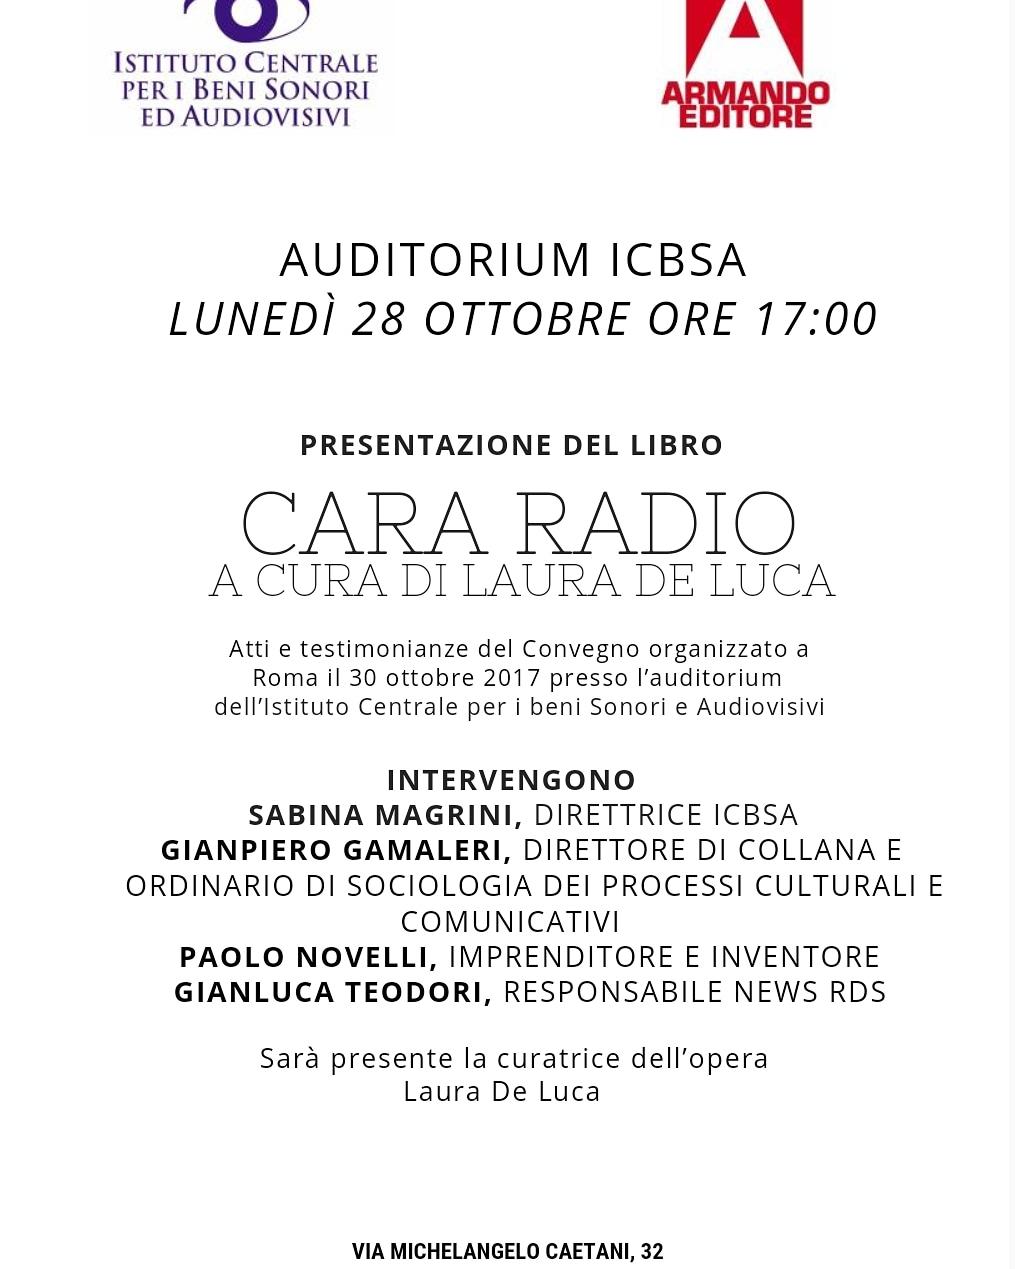 'Cara Radio', la presentazione del volume di Laura De Luca, lunedì 28 ottobre a Roma, all'ICBSA alle17.00